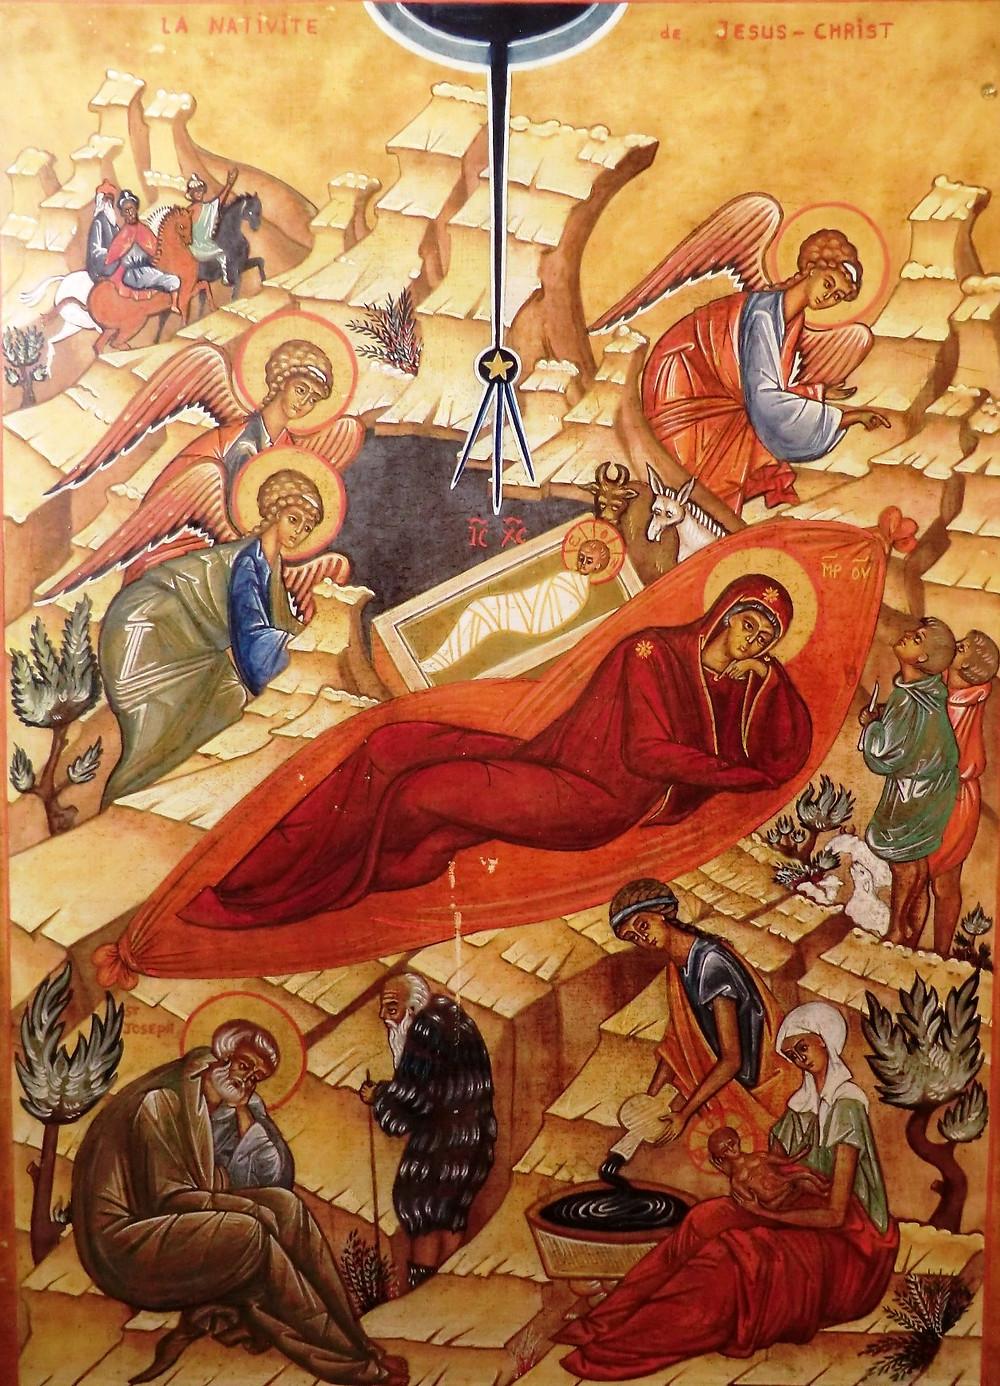 La Vierge aujourd'hui met au monde l'Eternel, et la terre offre une grotte à l'Innaccessible